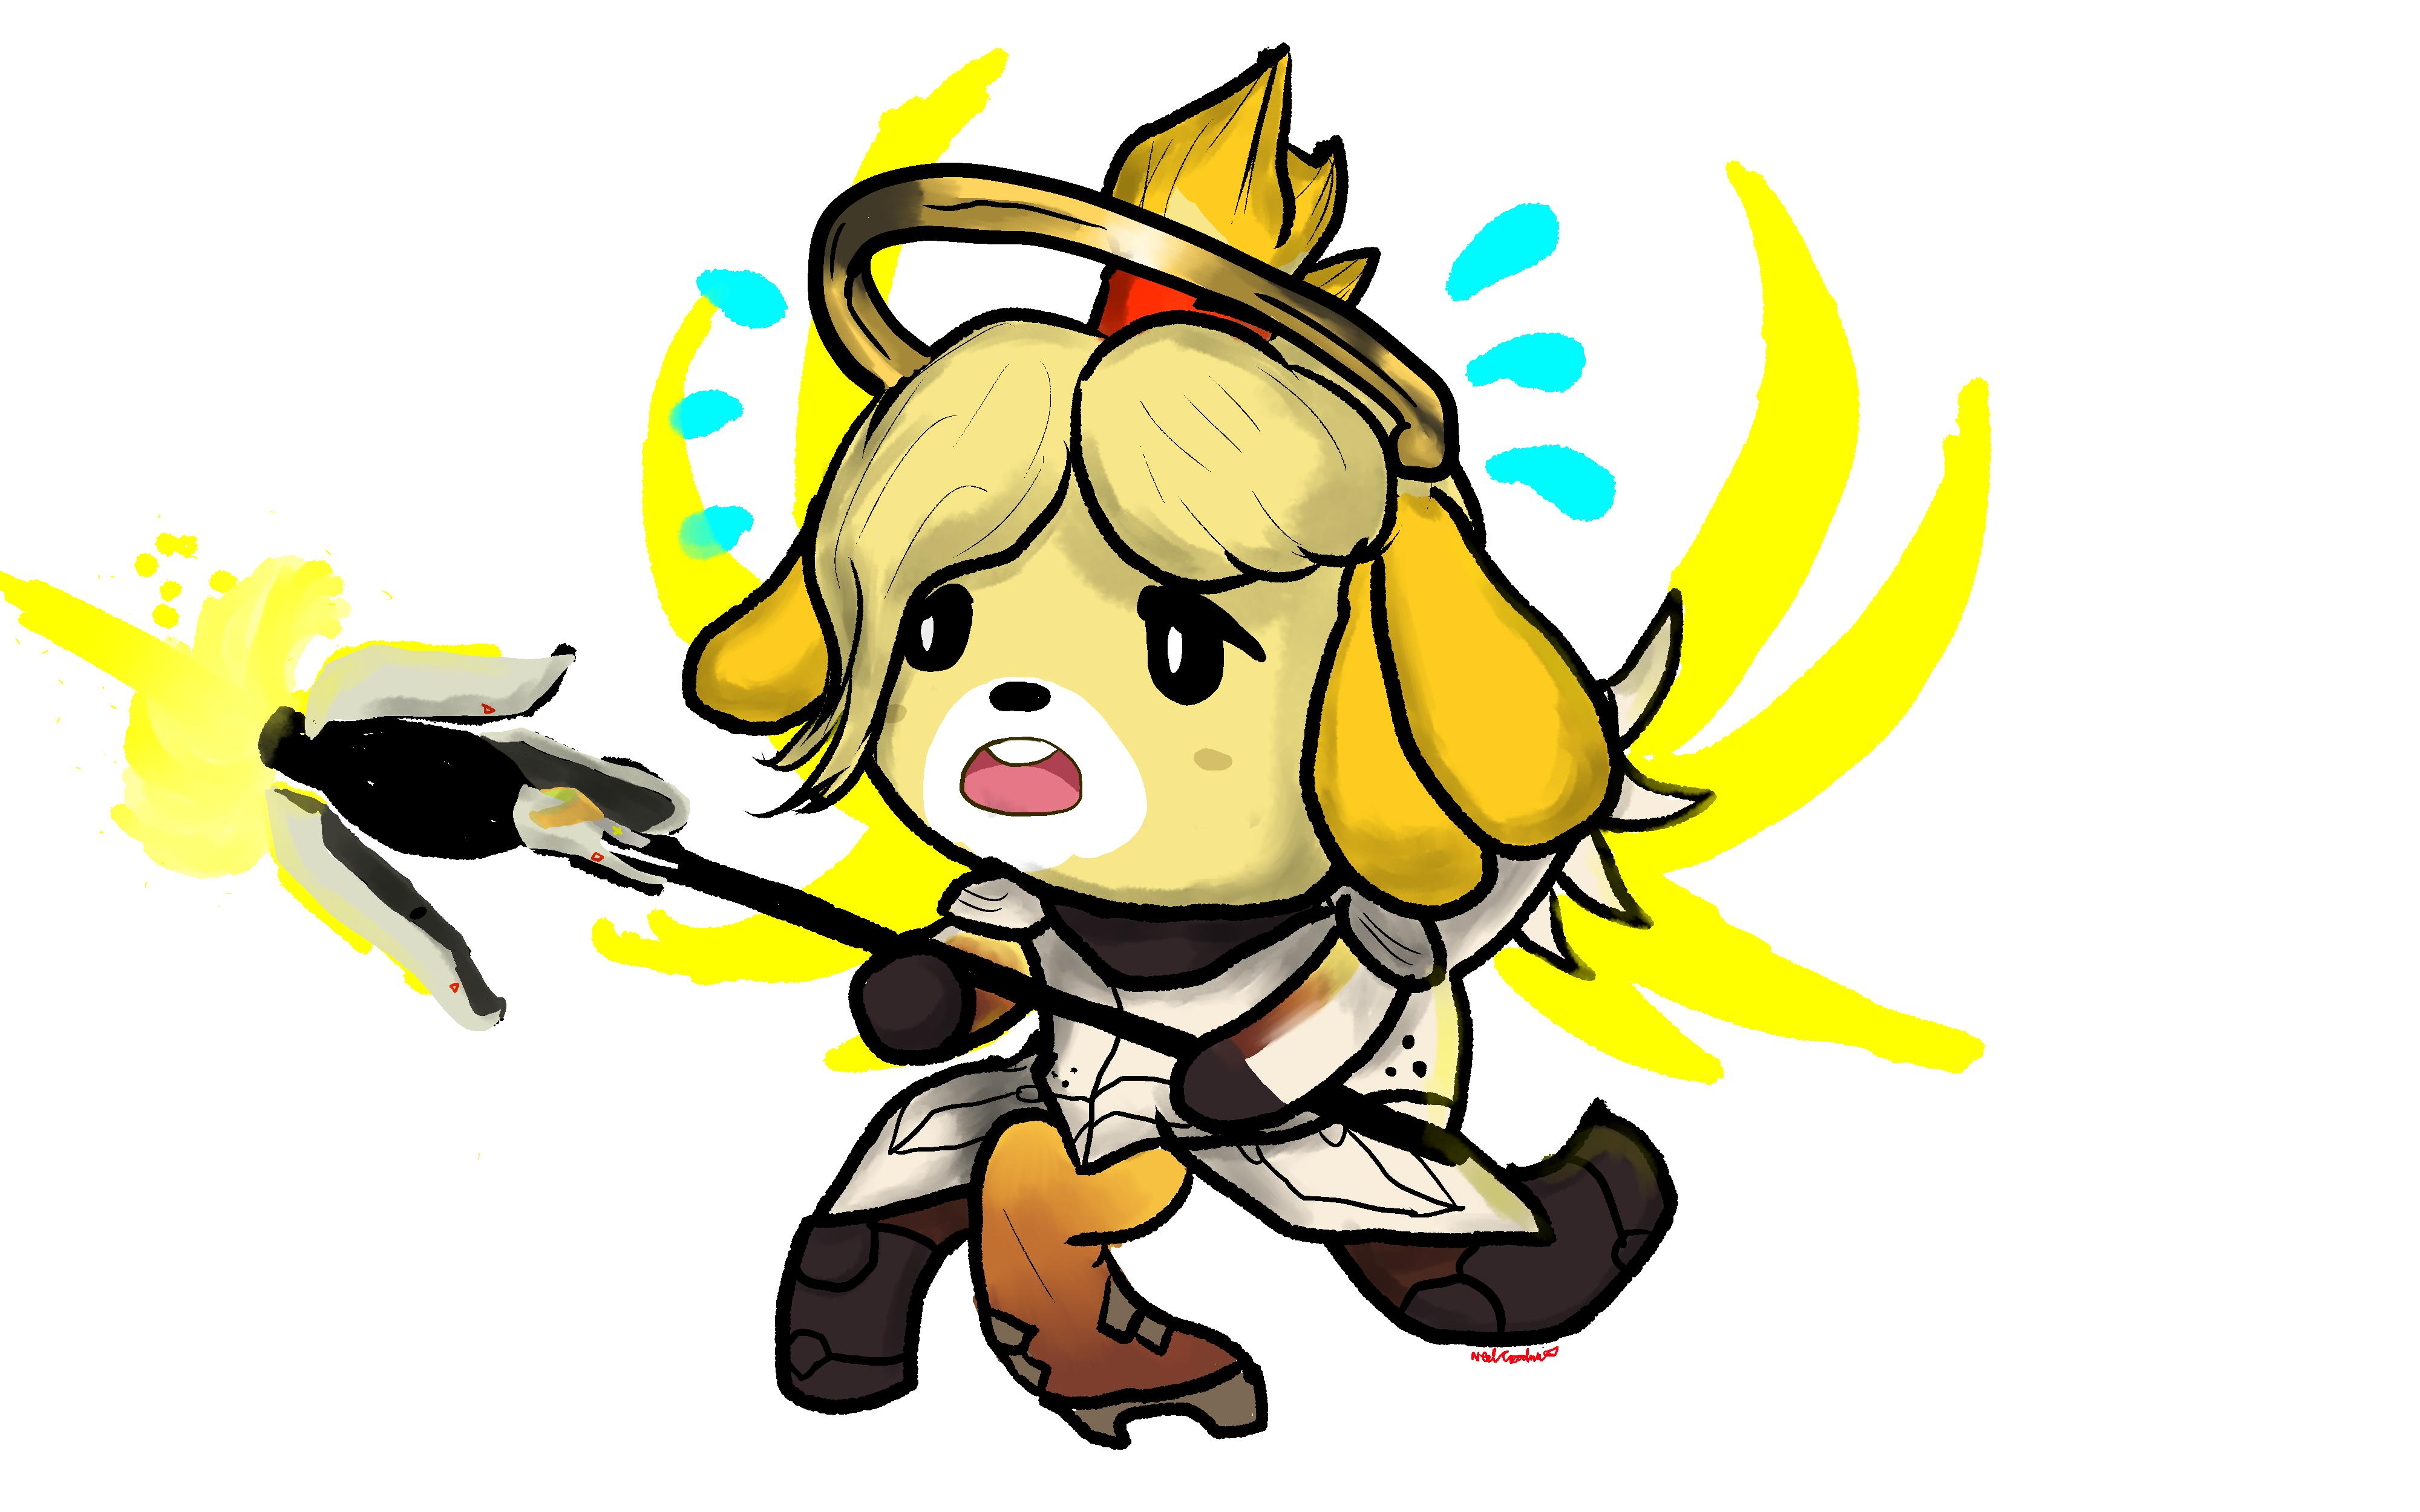 Mercybelle